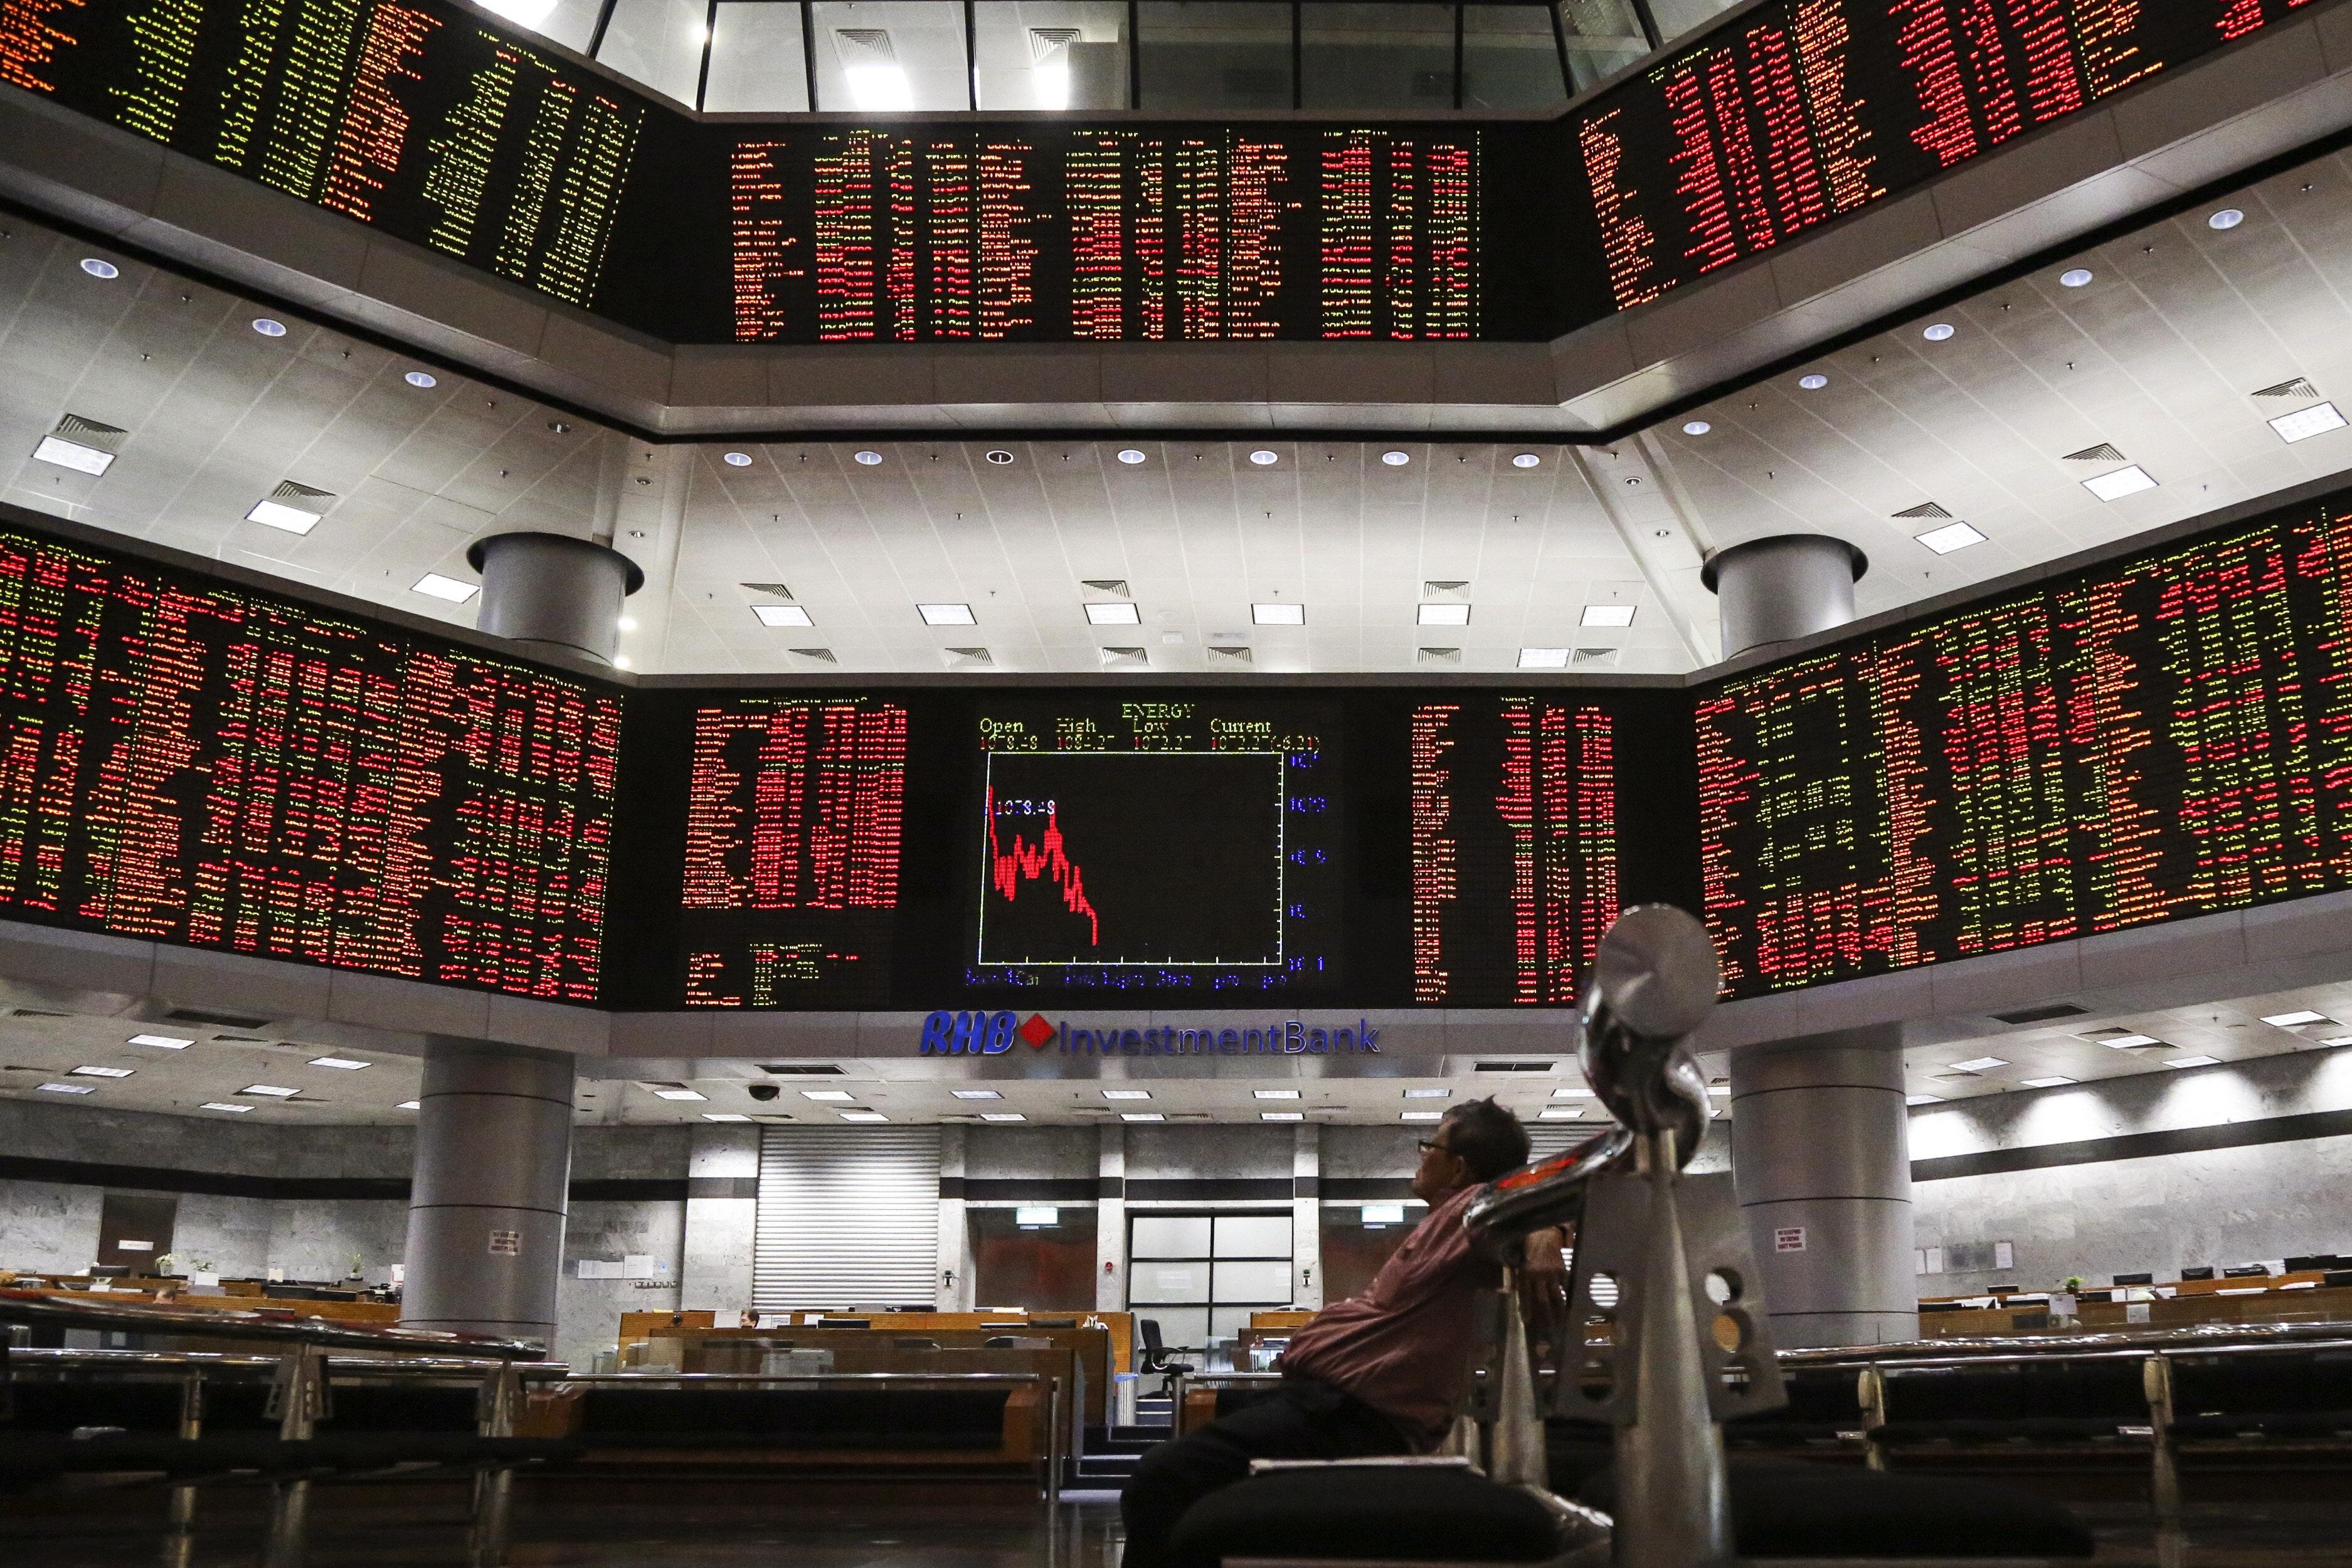 Καθυστερεί η τρίτη έξοδος της Ελλάδας στις αγορές λόγω